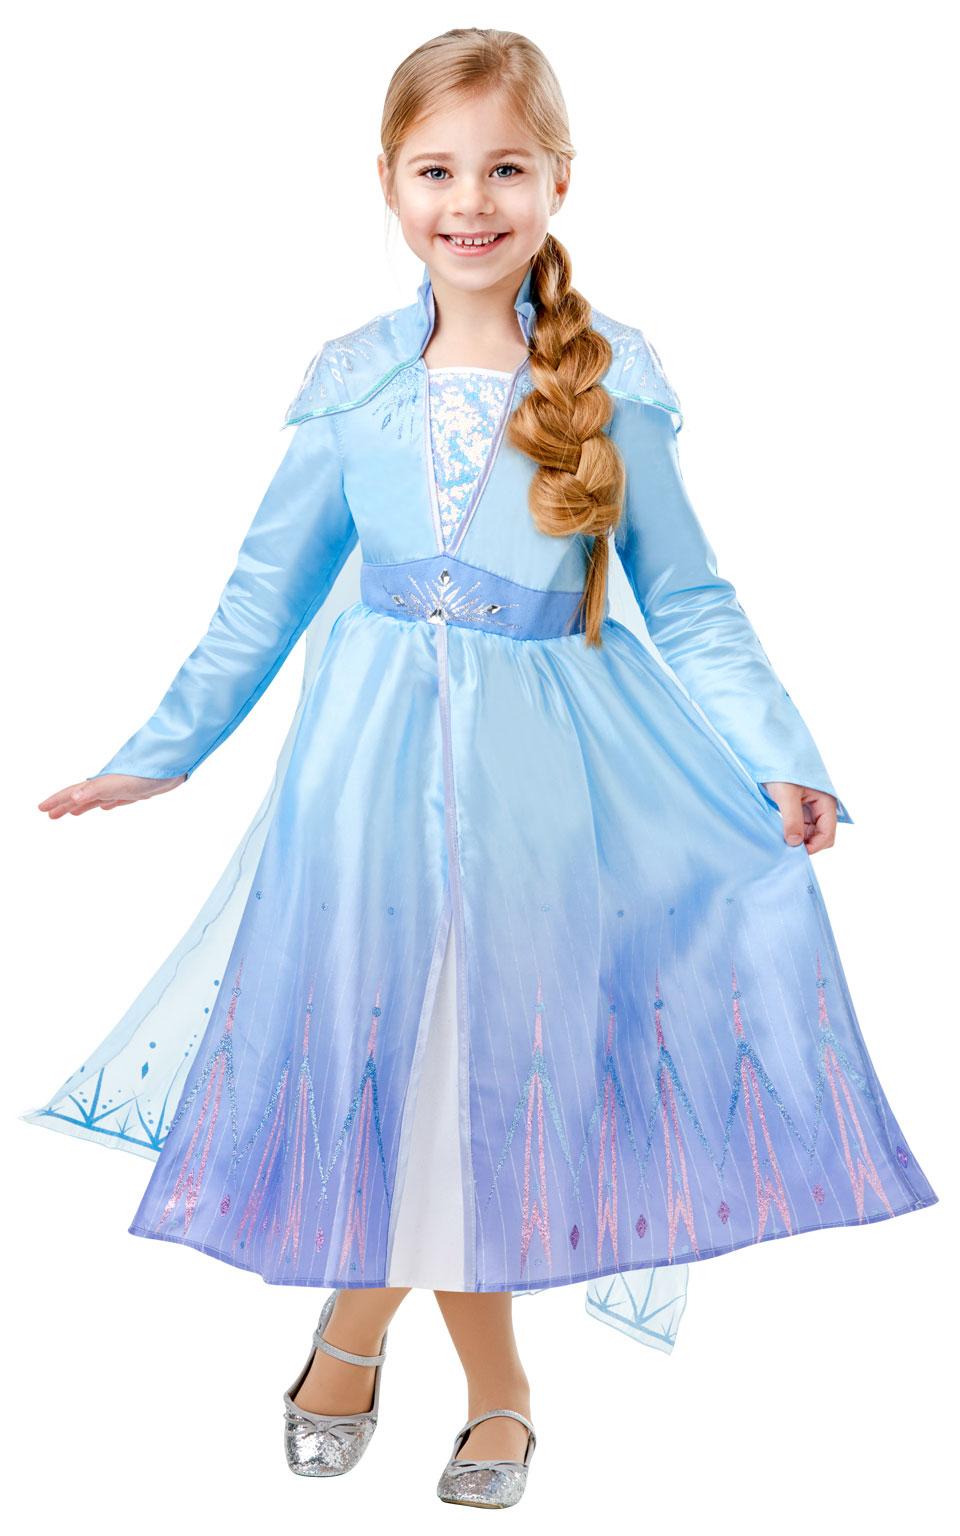 Rubies Detský deluxe kostým - Elsa (šaty) Veľkosť - deti: M